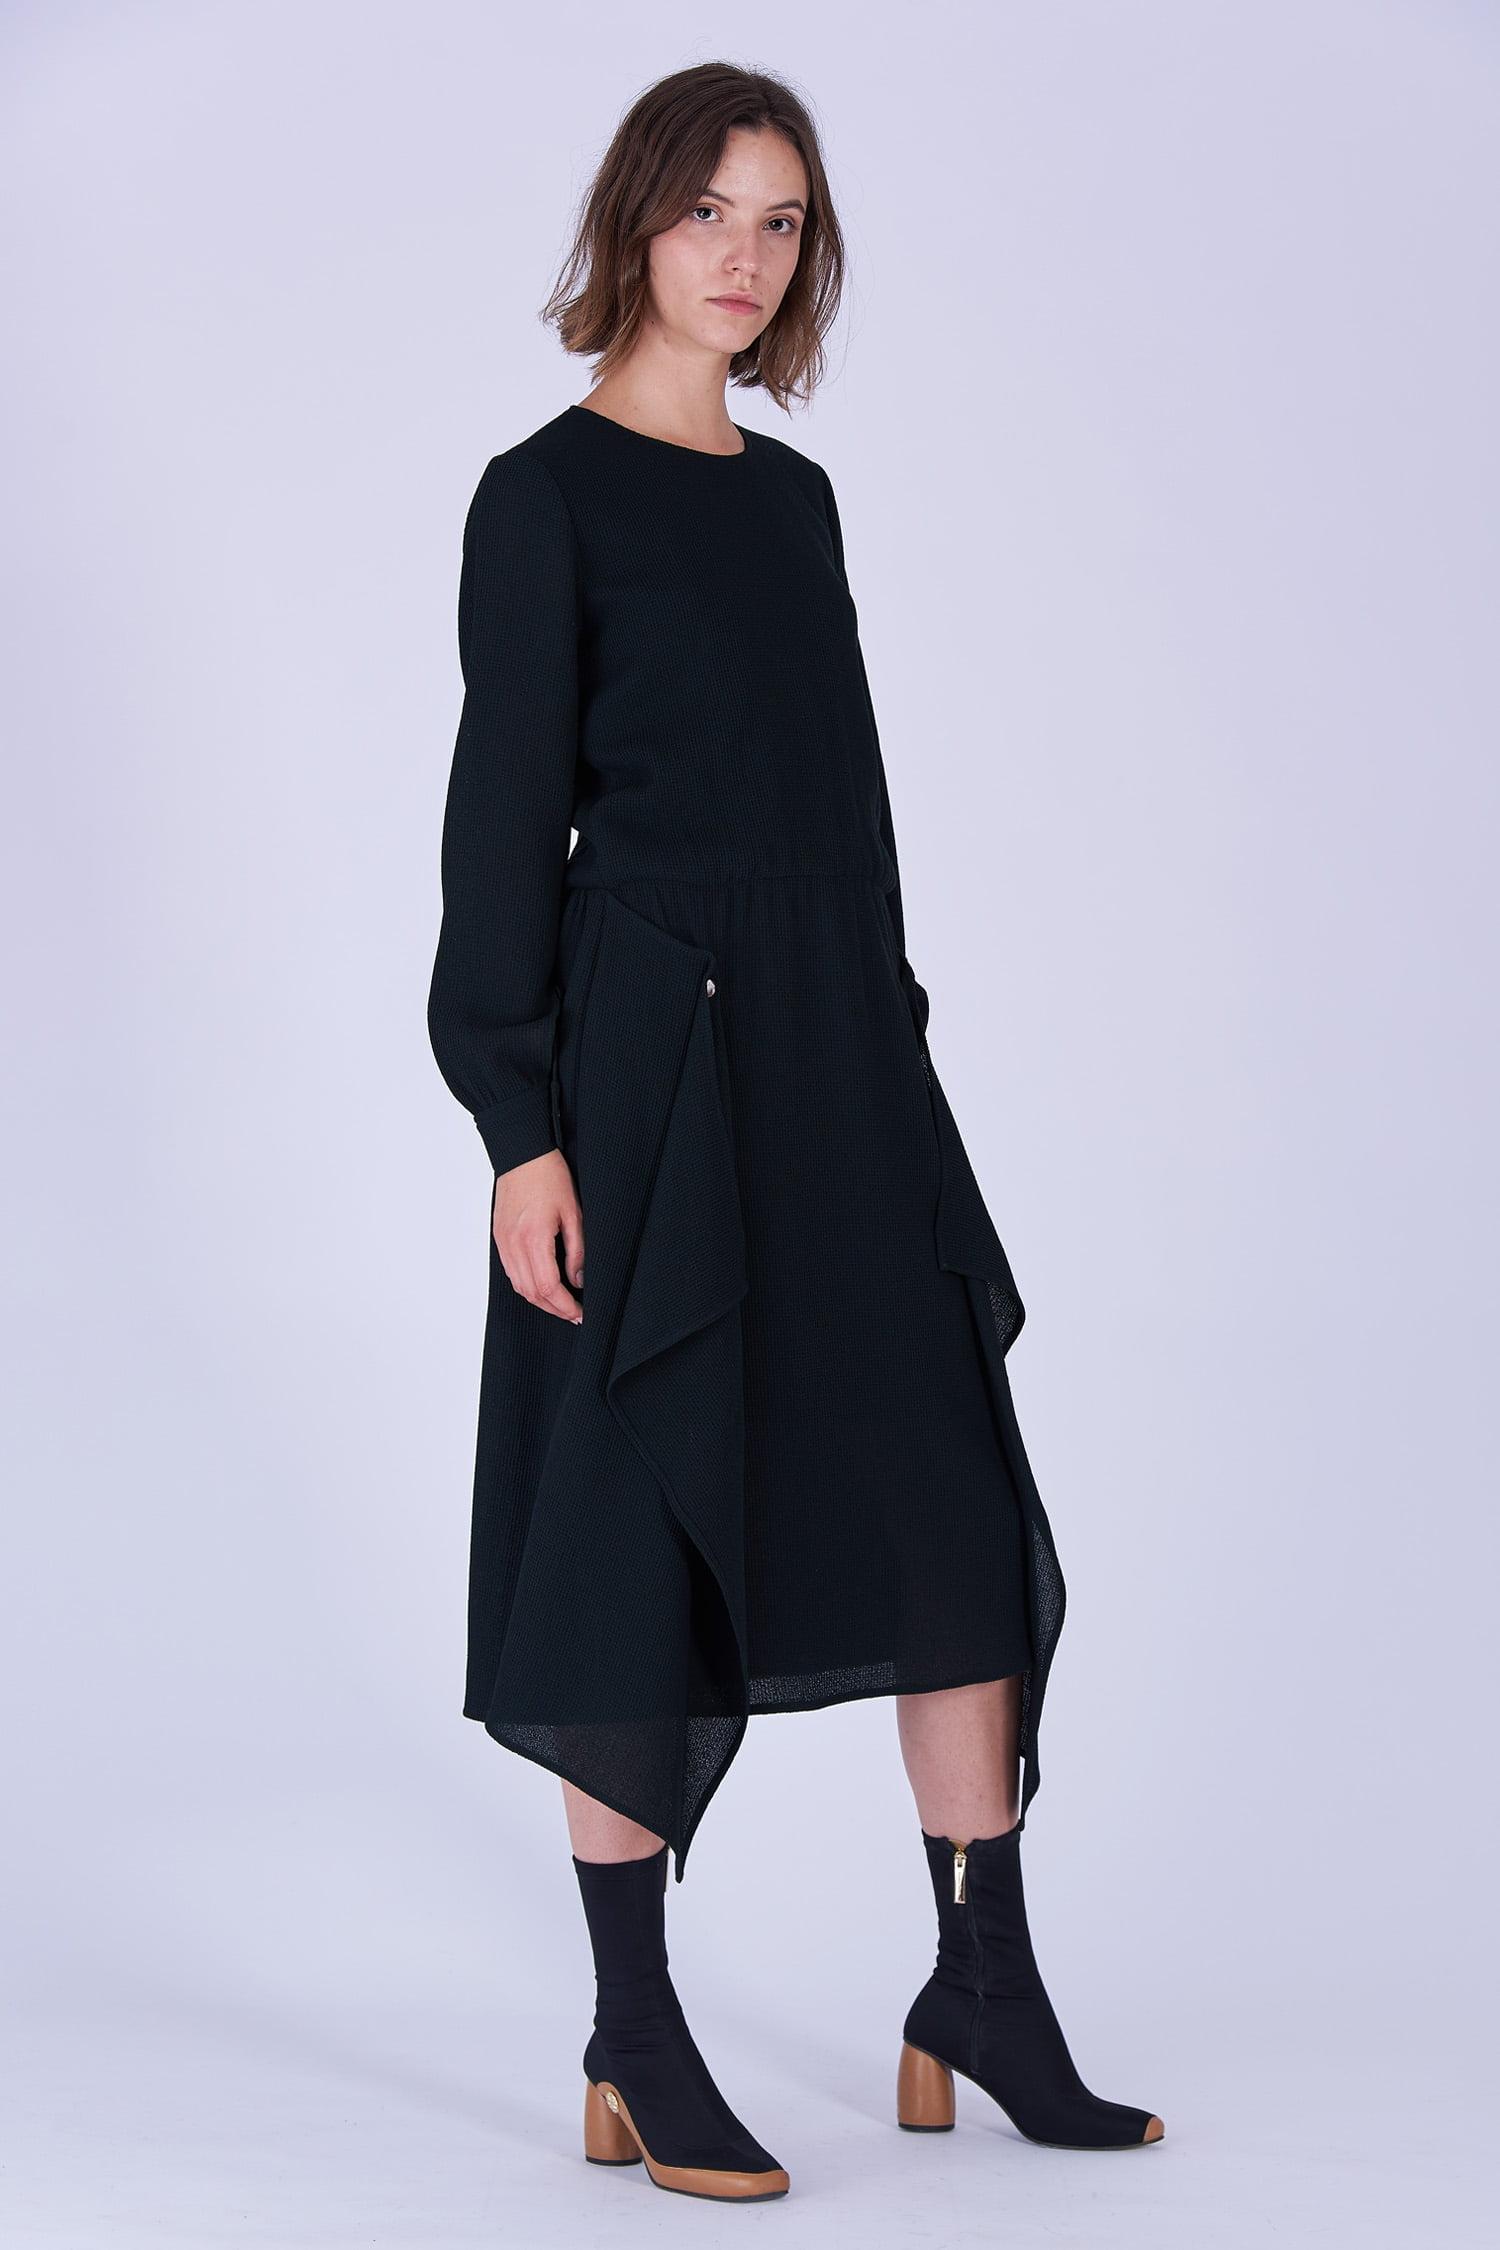 Acephala Fw19 20 Black Midi Draped Woolen Dress Czarna Sukienka Welniana Drapowana Side 3